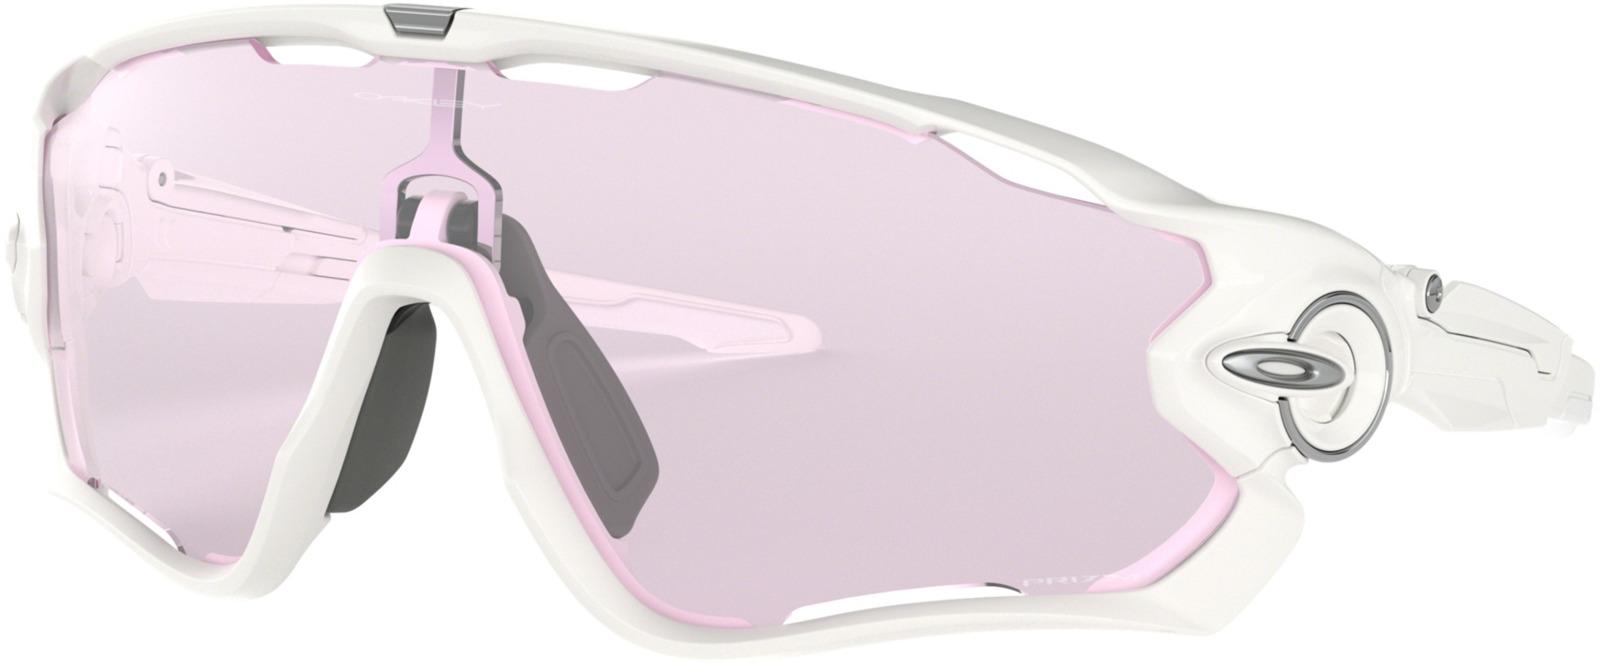 Велосипедные очки Oakley Jawbreaker Polished, цвет: белый